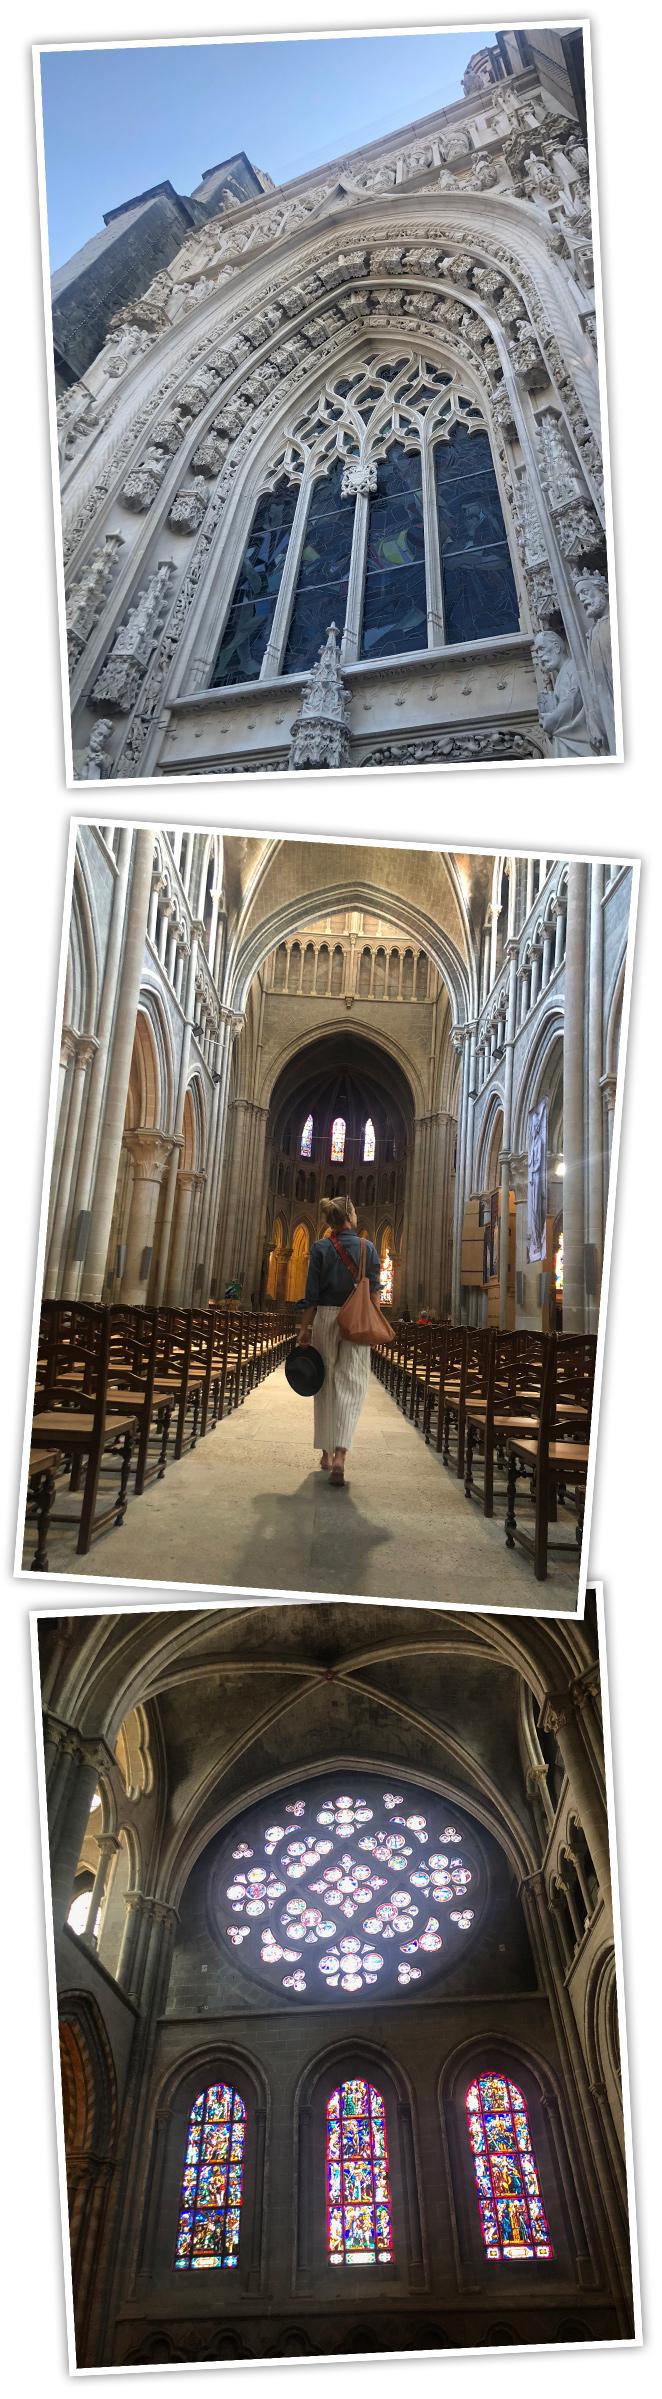 La imponente Catedral es otra de las visitas obligadas de esta ciudad. Justo al lado, hay un mirador con espectaculares vistas, perfecto para sacar la cámara e inmortalizar la imagen del lugar.